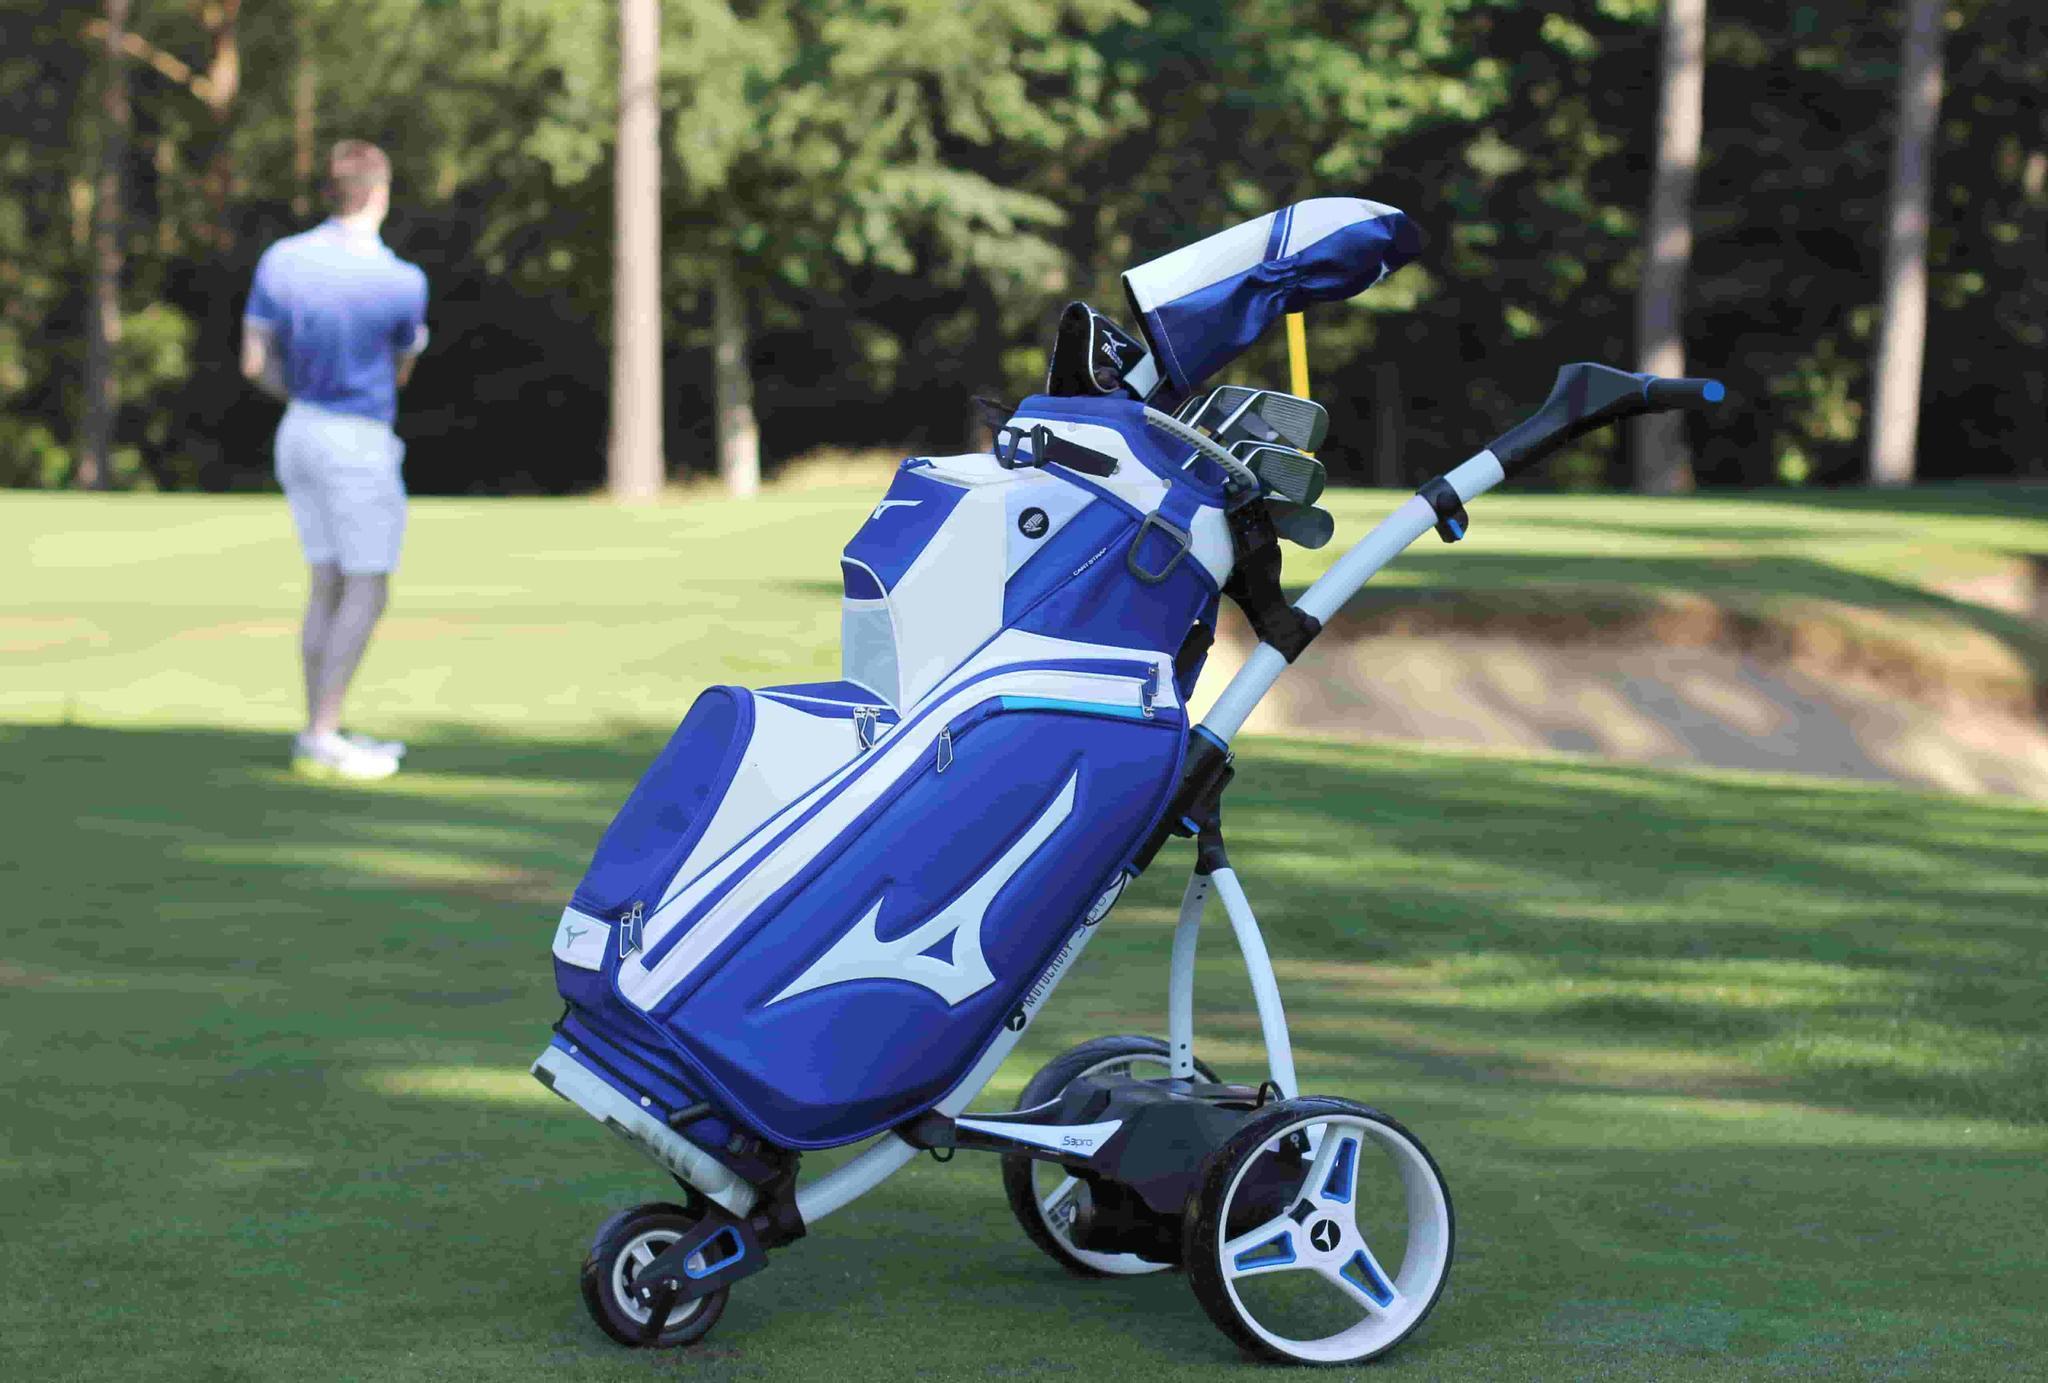 mizuno pro cart bag op een trolley